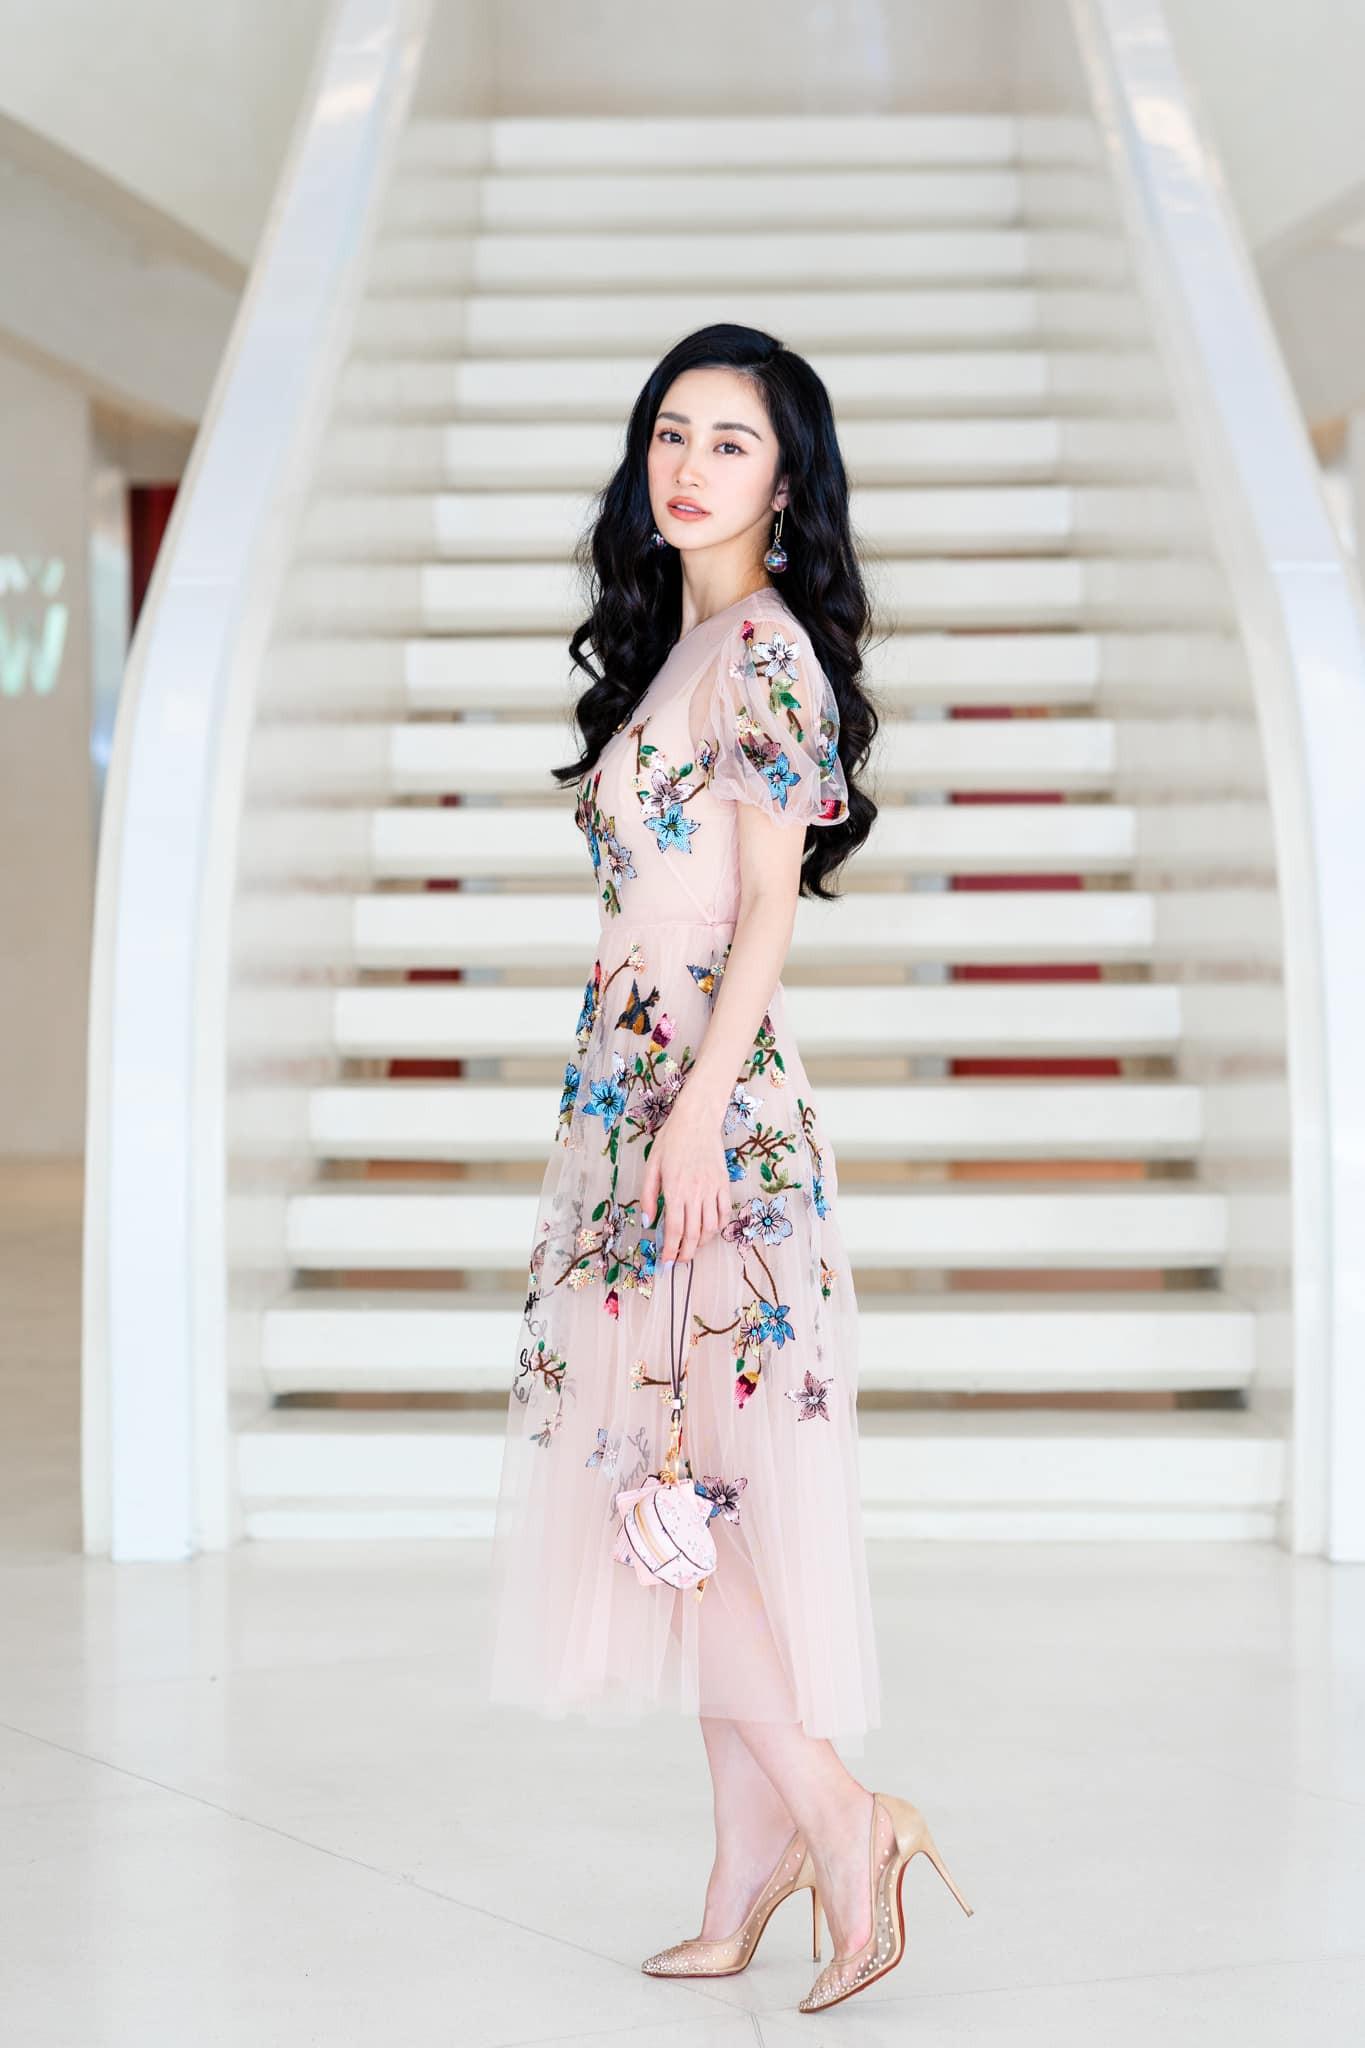 Mĩ nhân Việt nào là Nữ hoàng thảm đỏ tuần qua? (kì 53) - Ảnh 5.